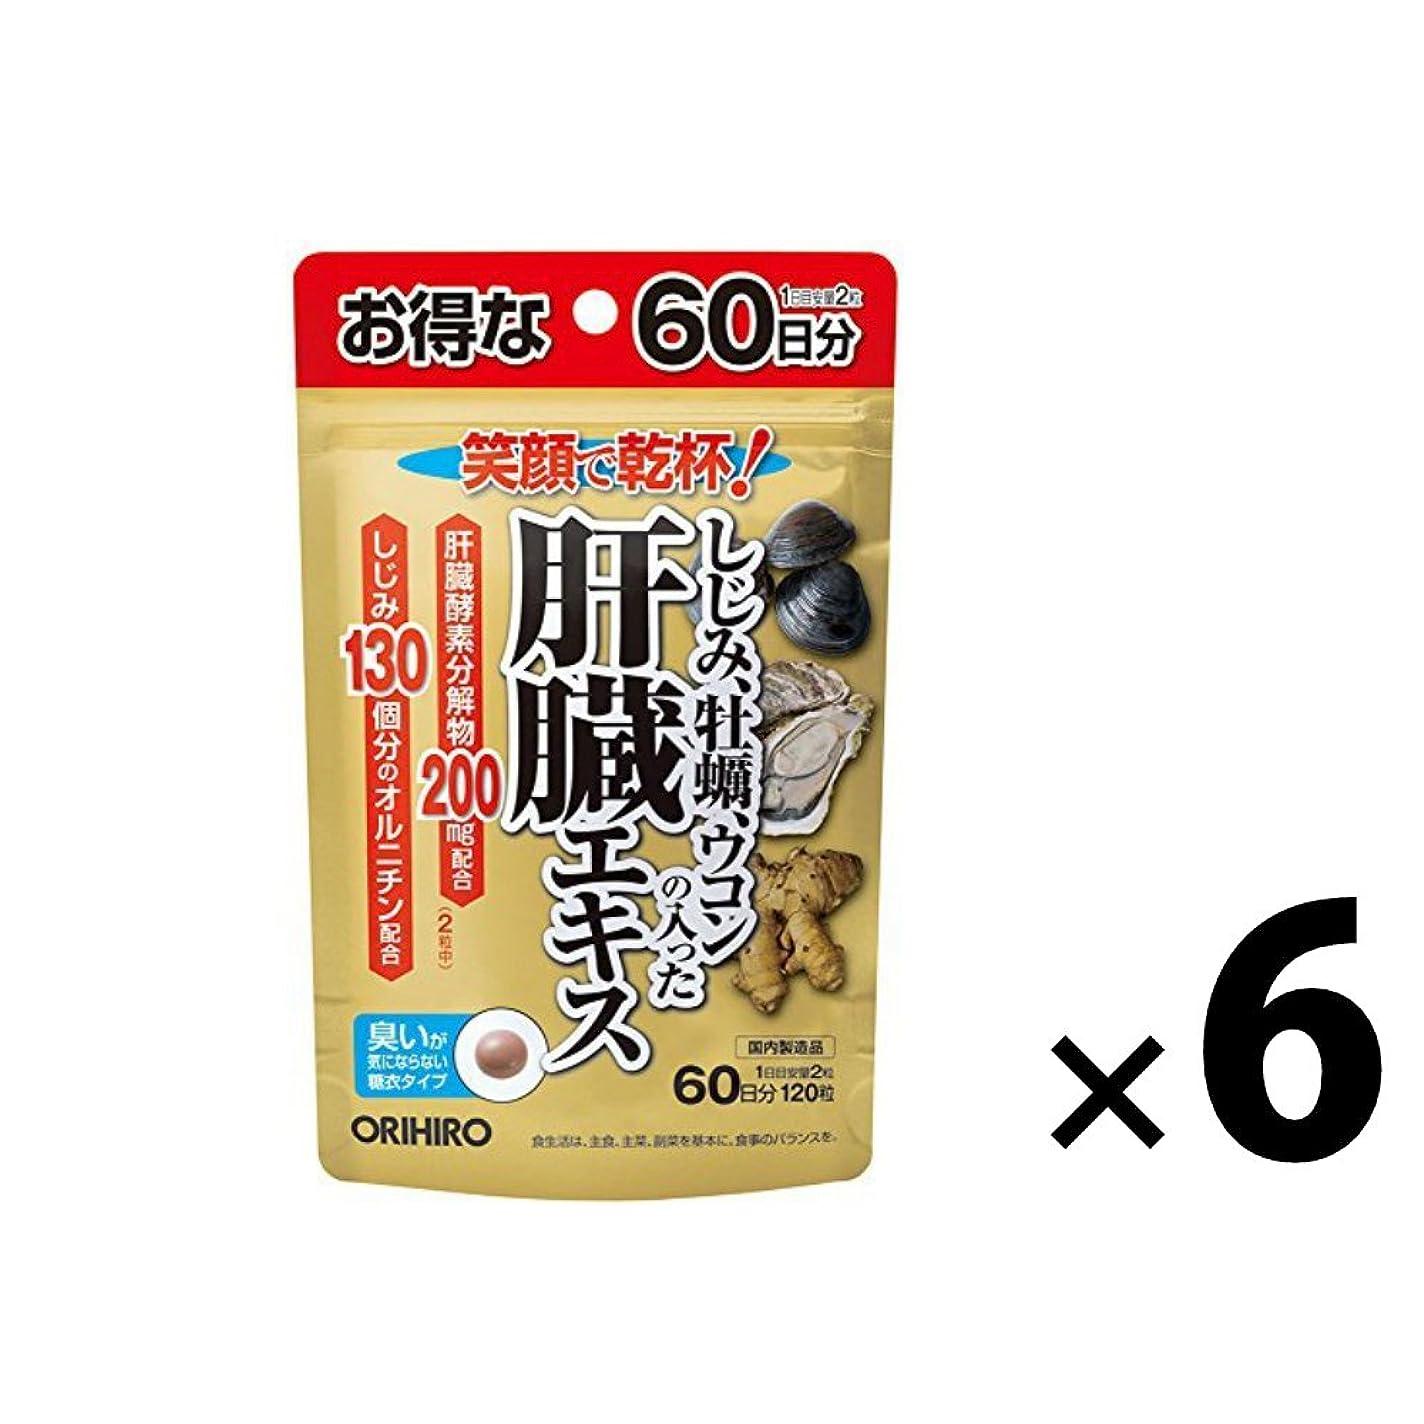 勧告中に我慢する(6点セット)オリヒロ しじみ牡蛎ウコンの入った肝臓エキス粒